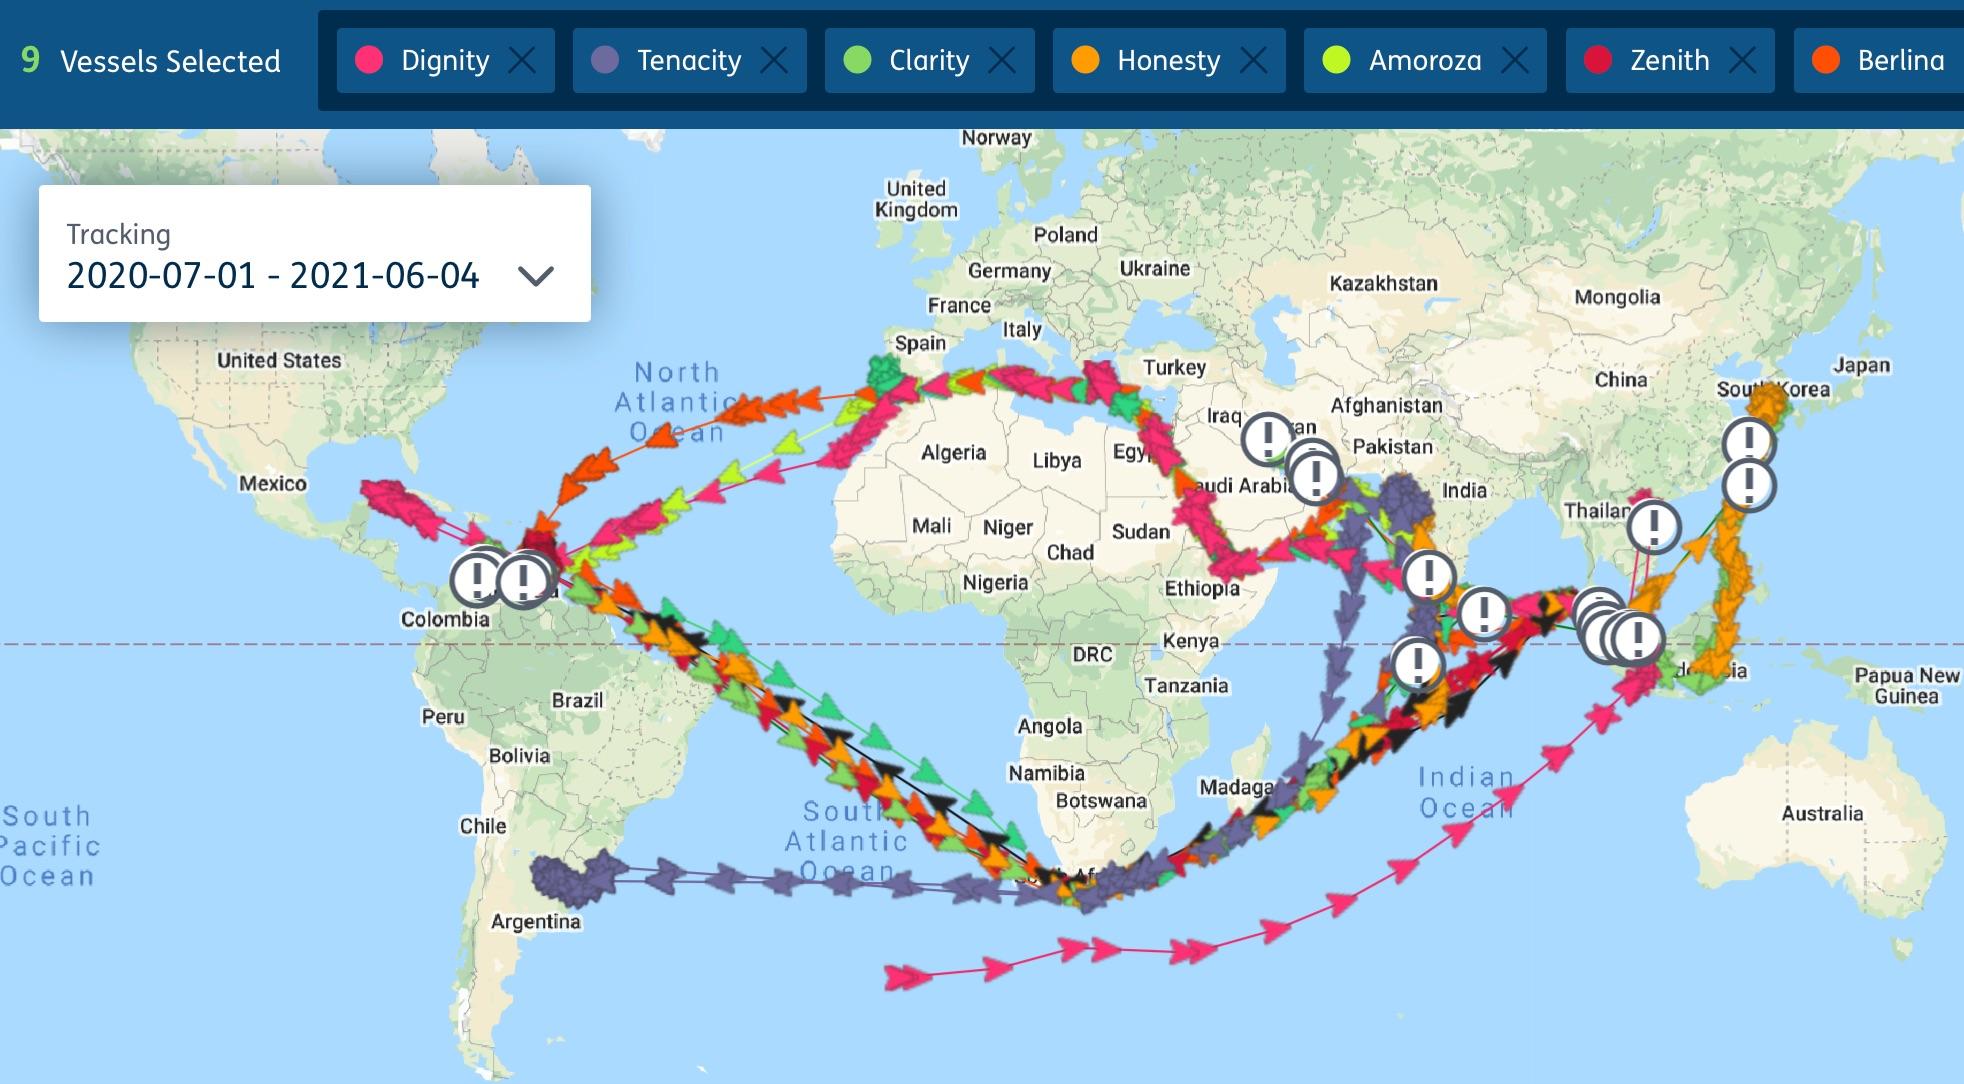 Venezuela oil shipments